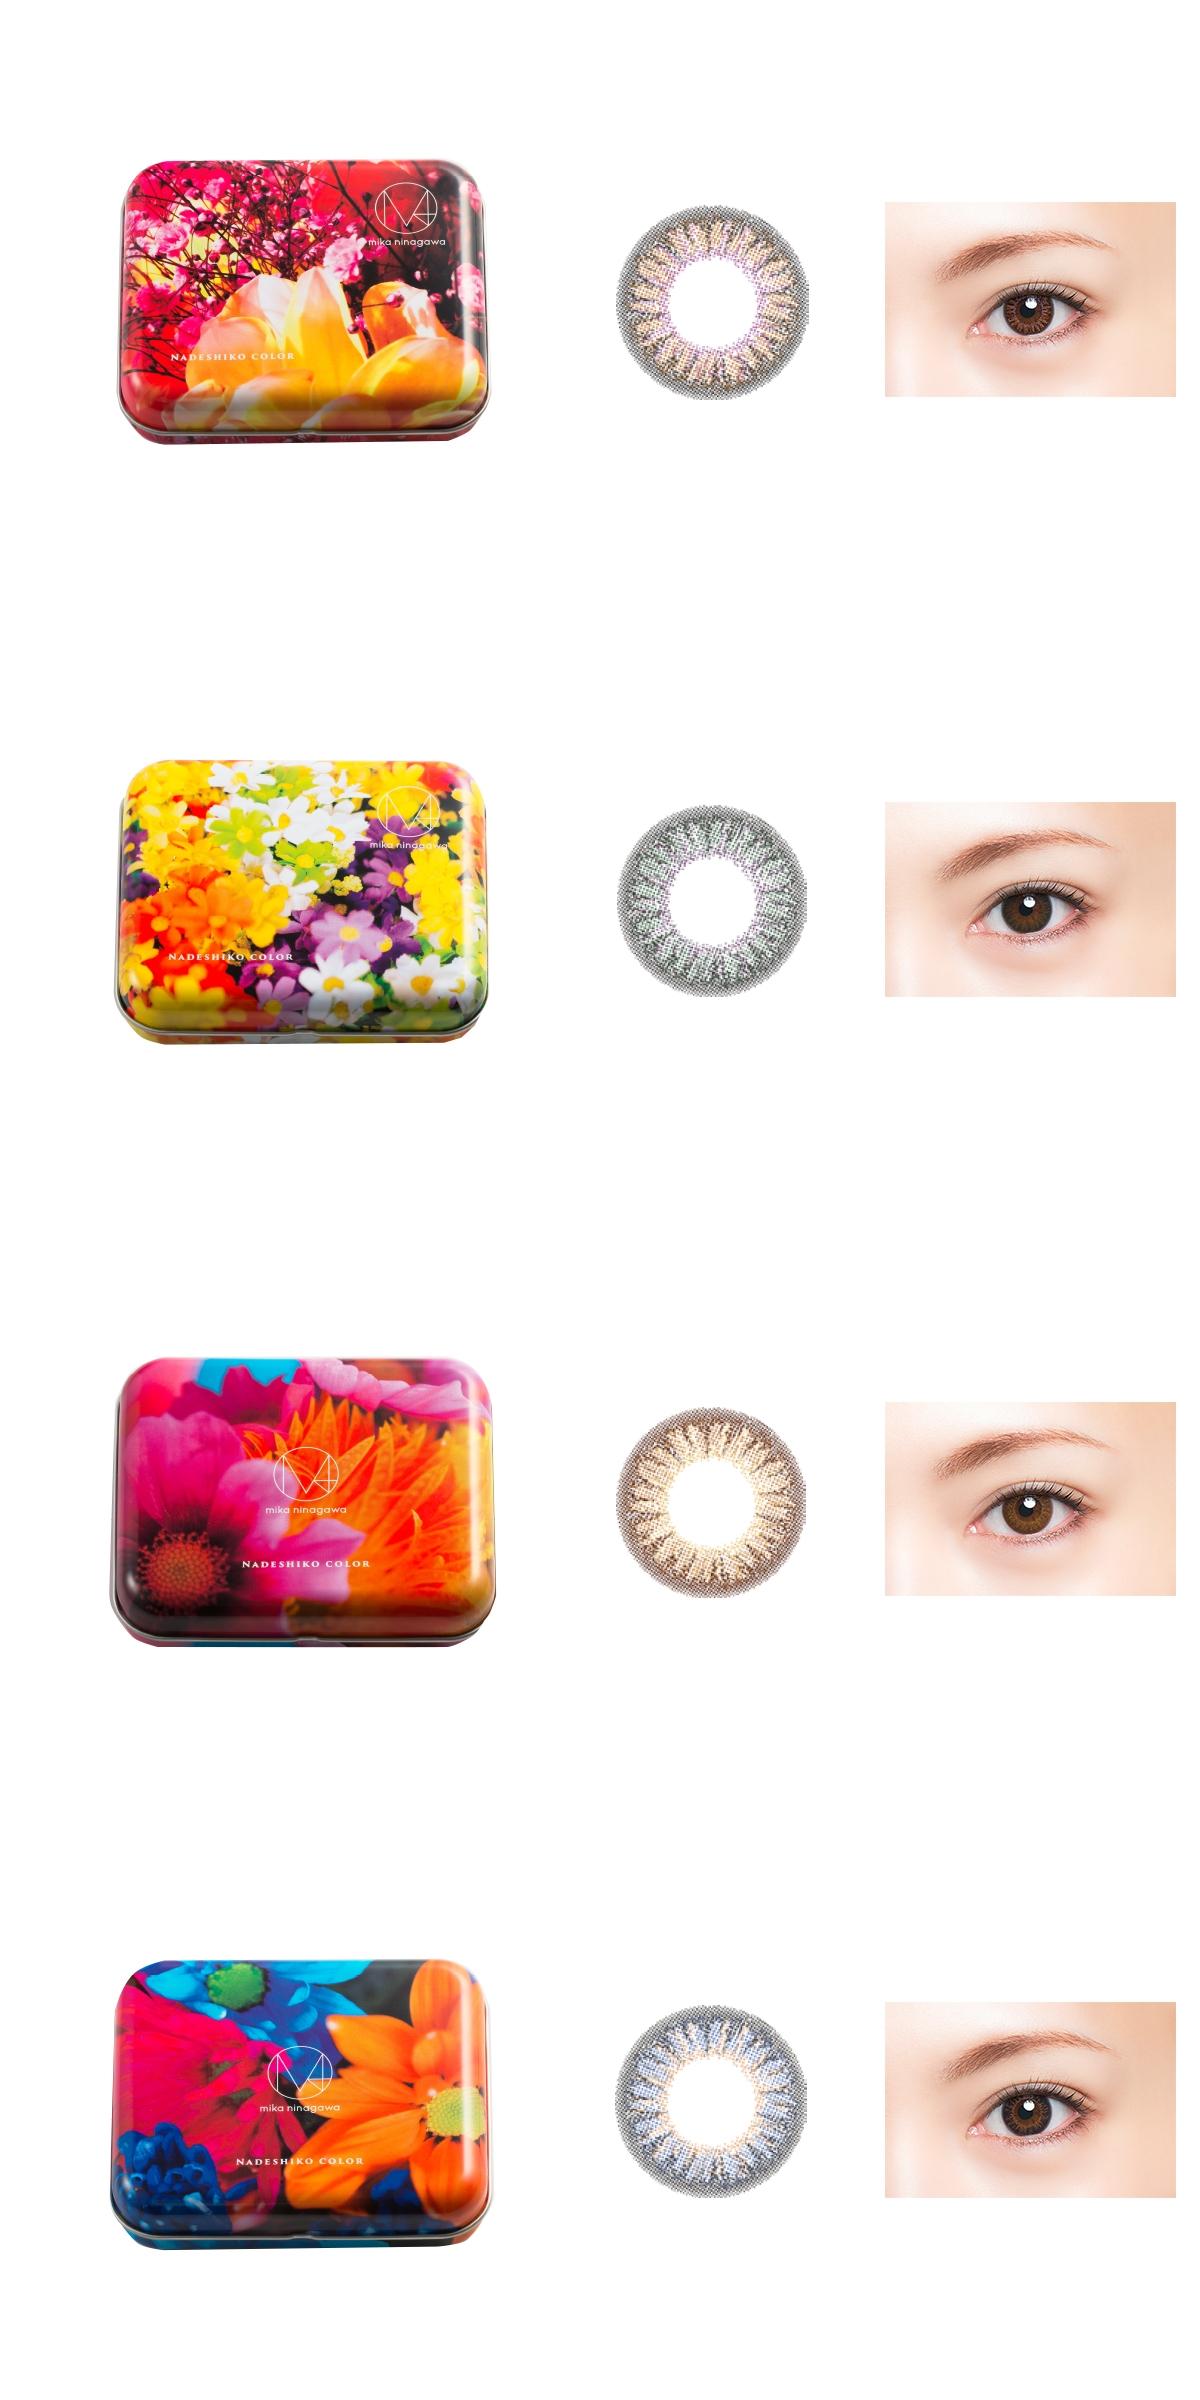 【蜷川實花撫子系列】  不只包裝超美,連美瞳片的色彩排列也經過了特殊設計而成!這款美瞳放大片雖然不便宜,但還是擄獲許多少女的心啊